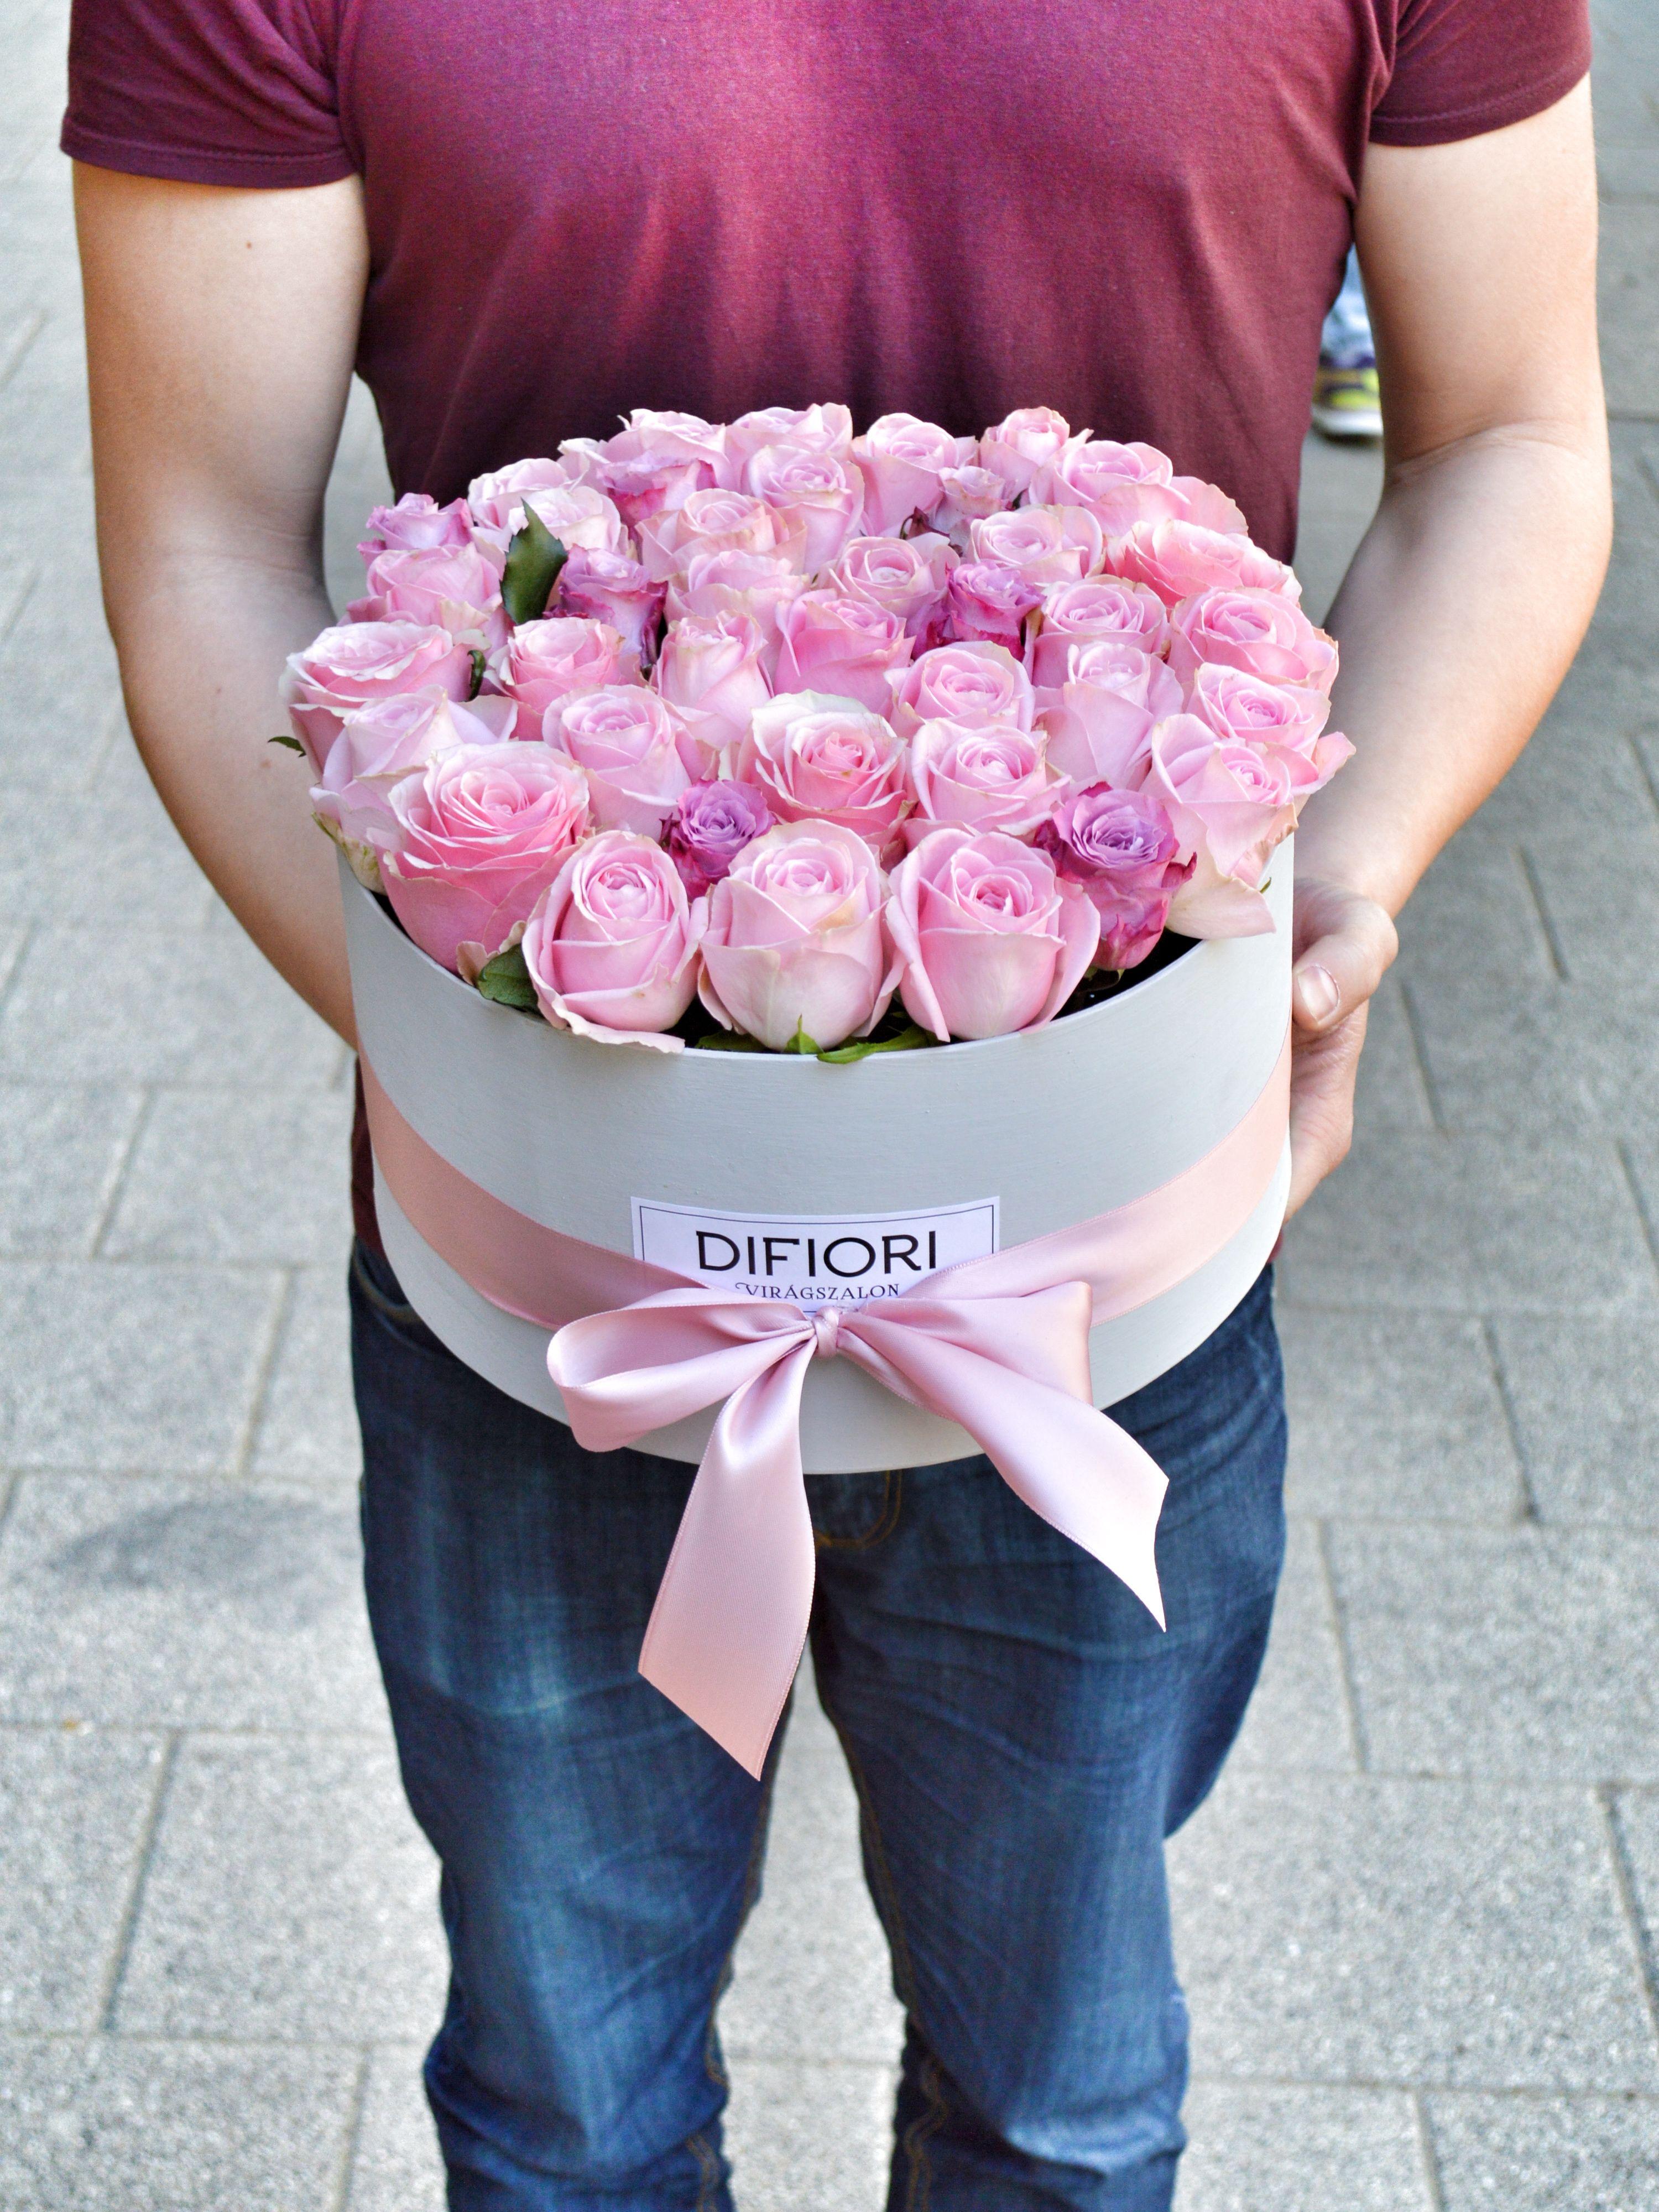 maison des fleurs roses in a box | rose, roses, flowers, bouquet